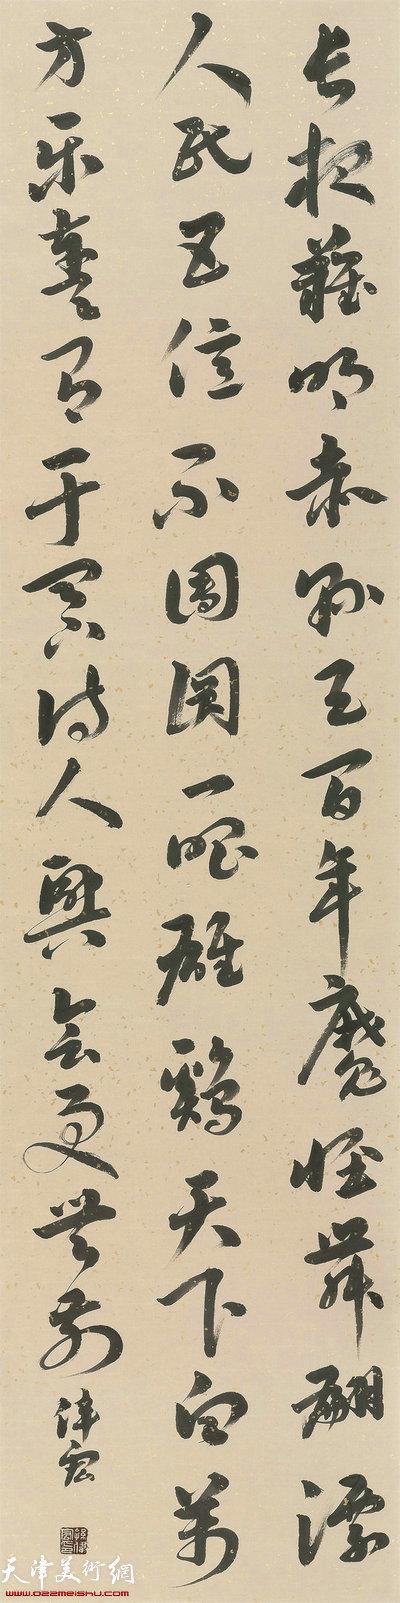 孙伟宏书法:浣溪沙 和柳亚子先生